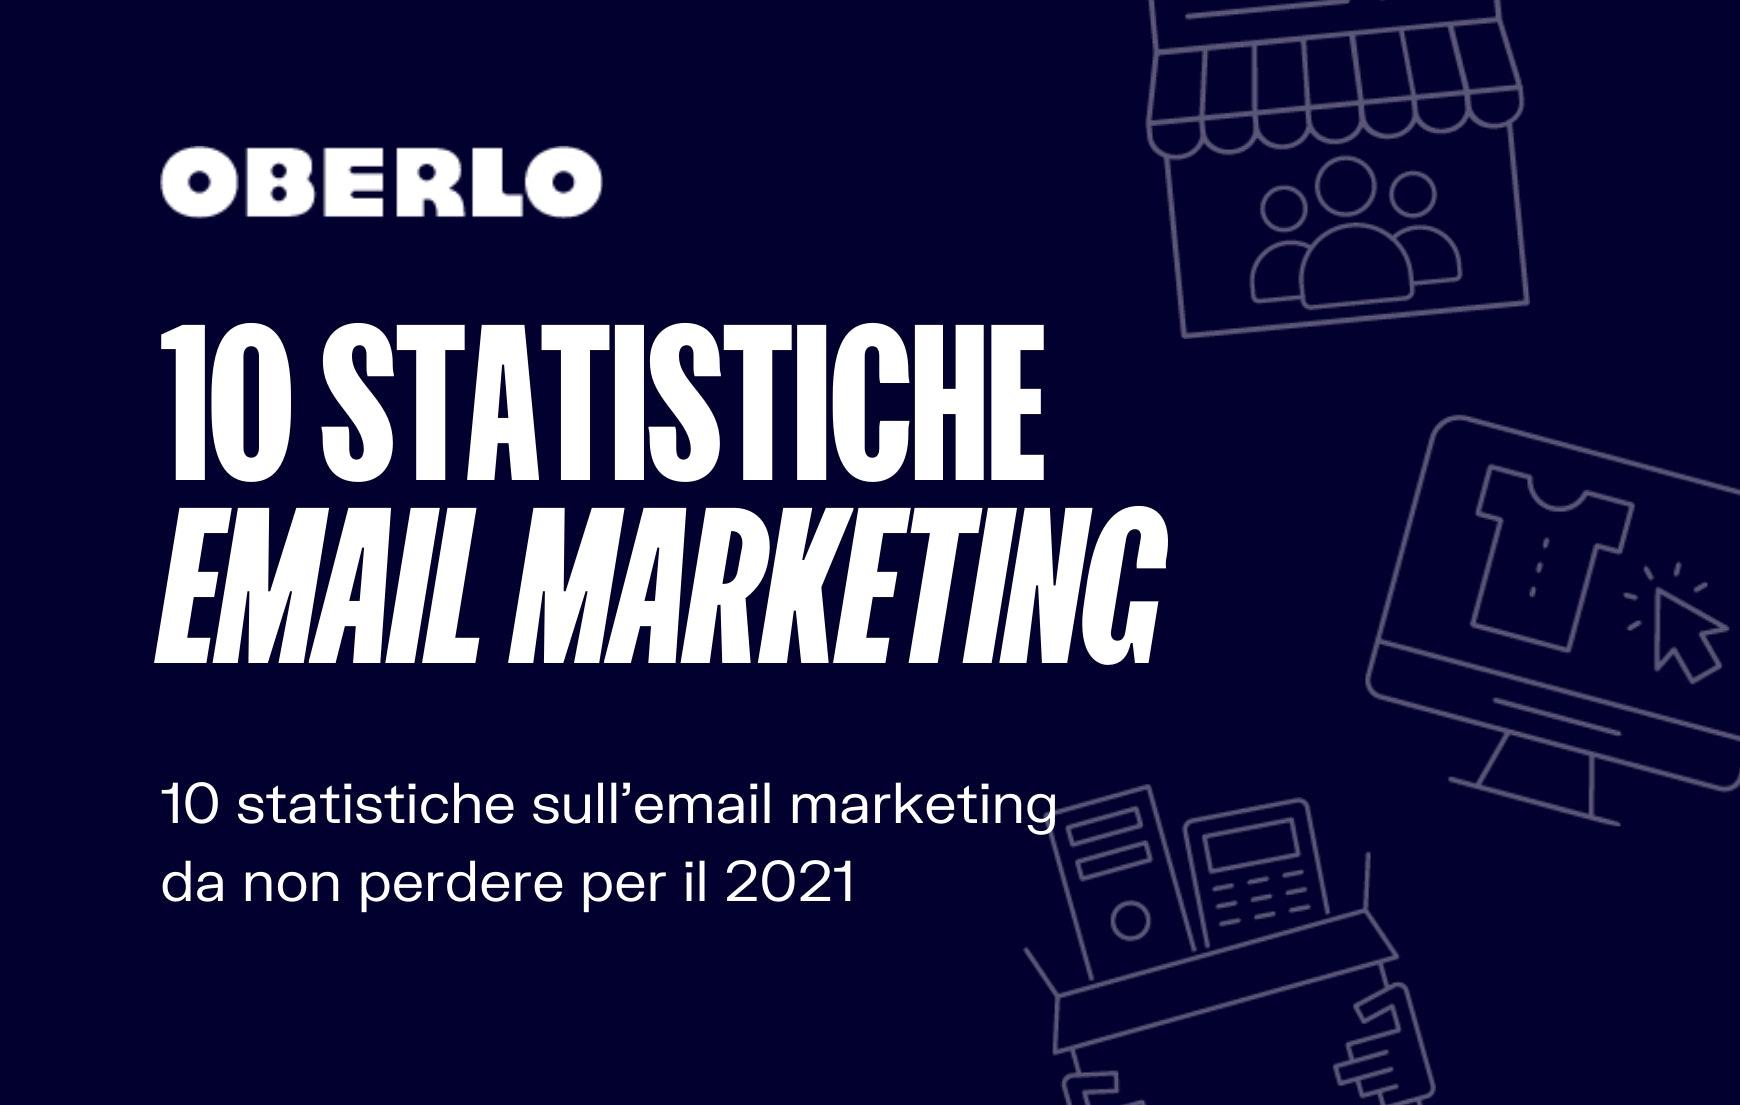 statistiche email marketing 2021